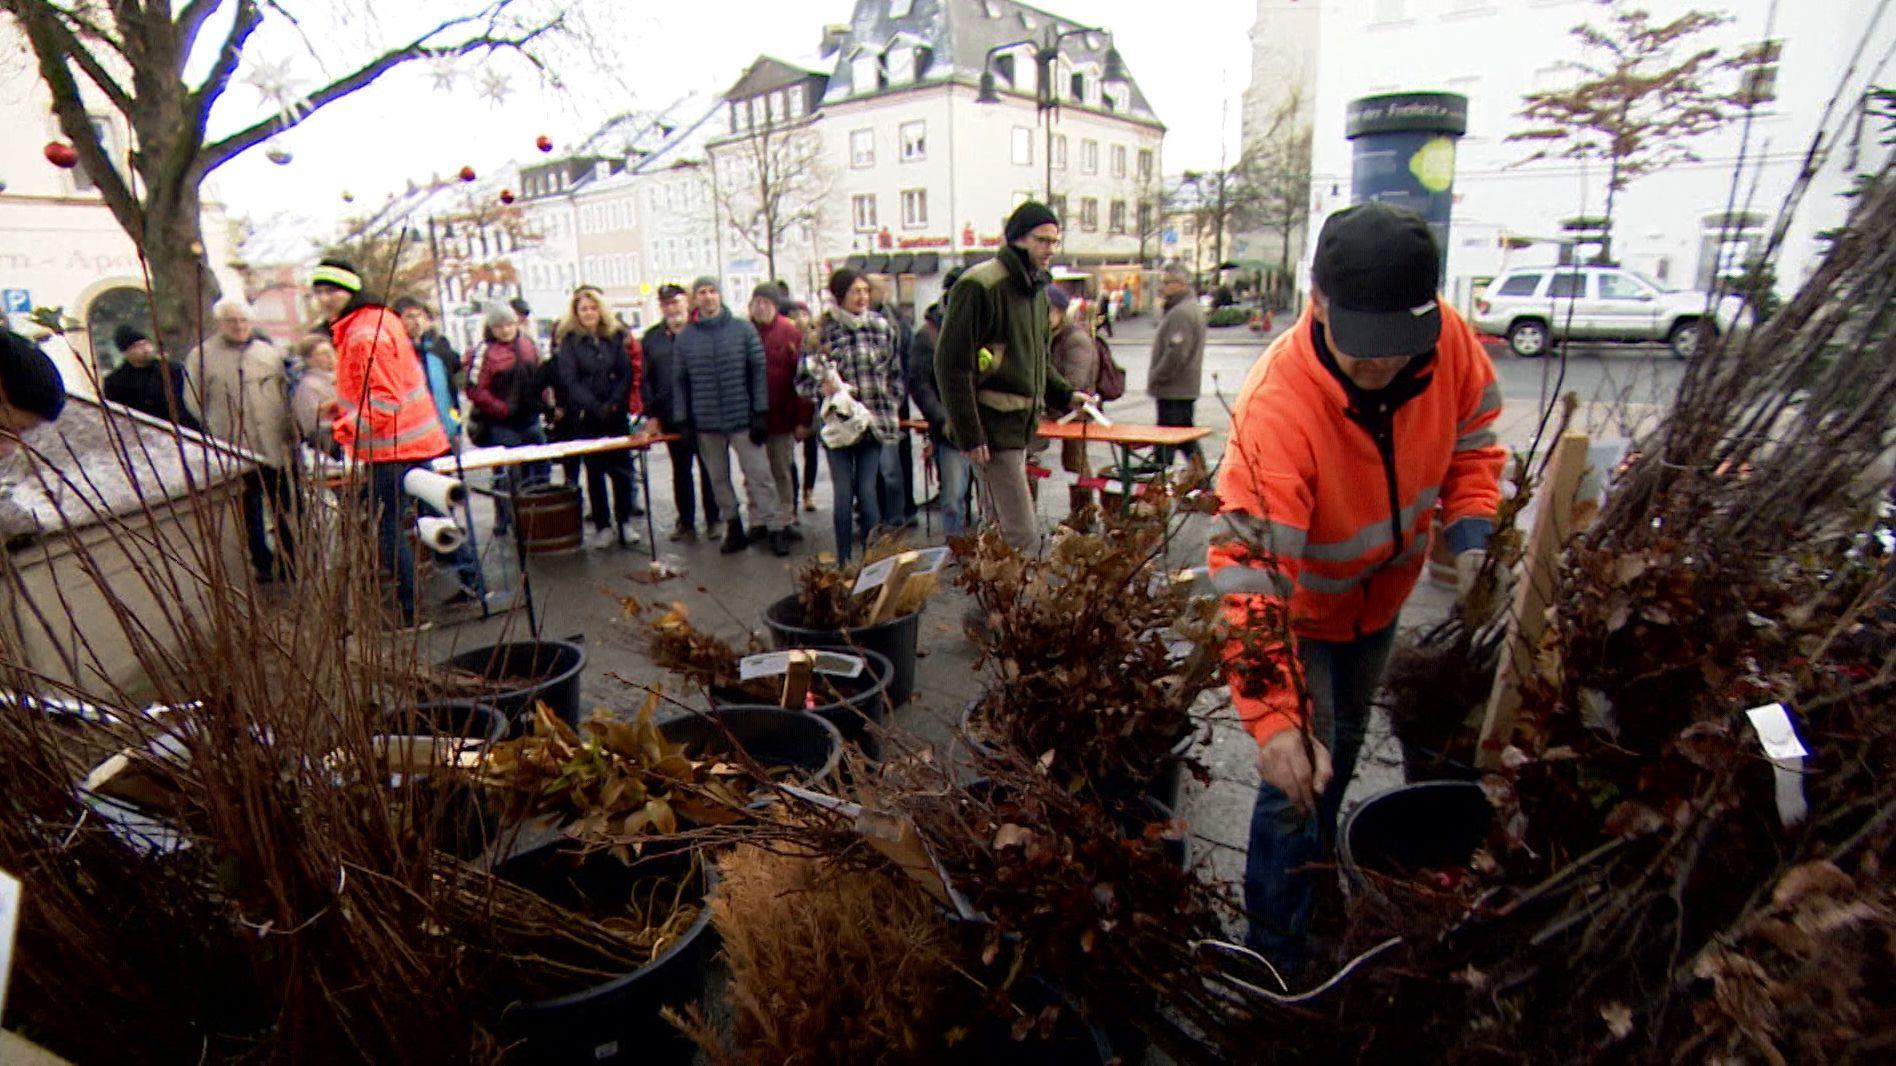 Am 30. November konnten sich Privatpersonen und Vereine vor dem Hofer Rathaus kostenlos einen Baum abholen.